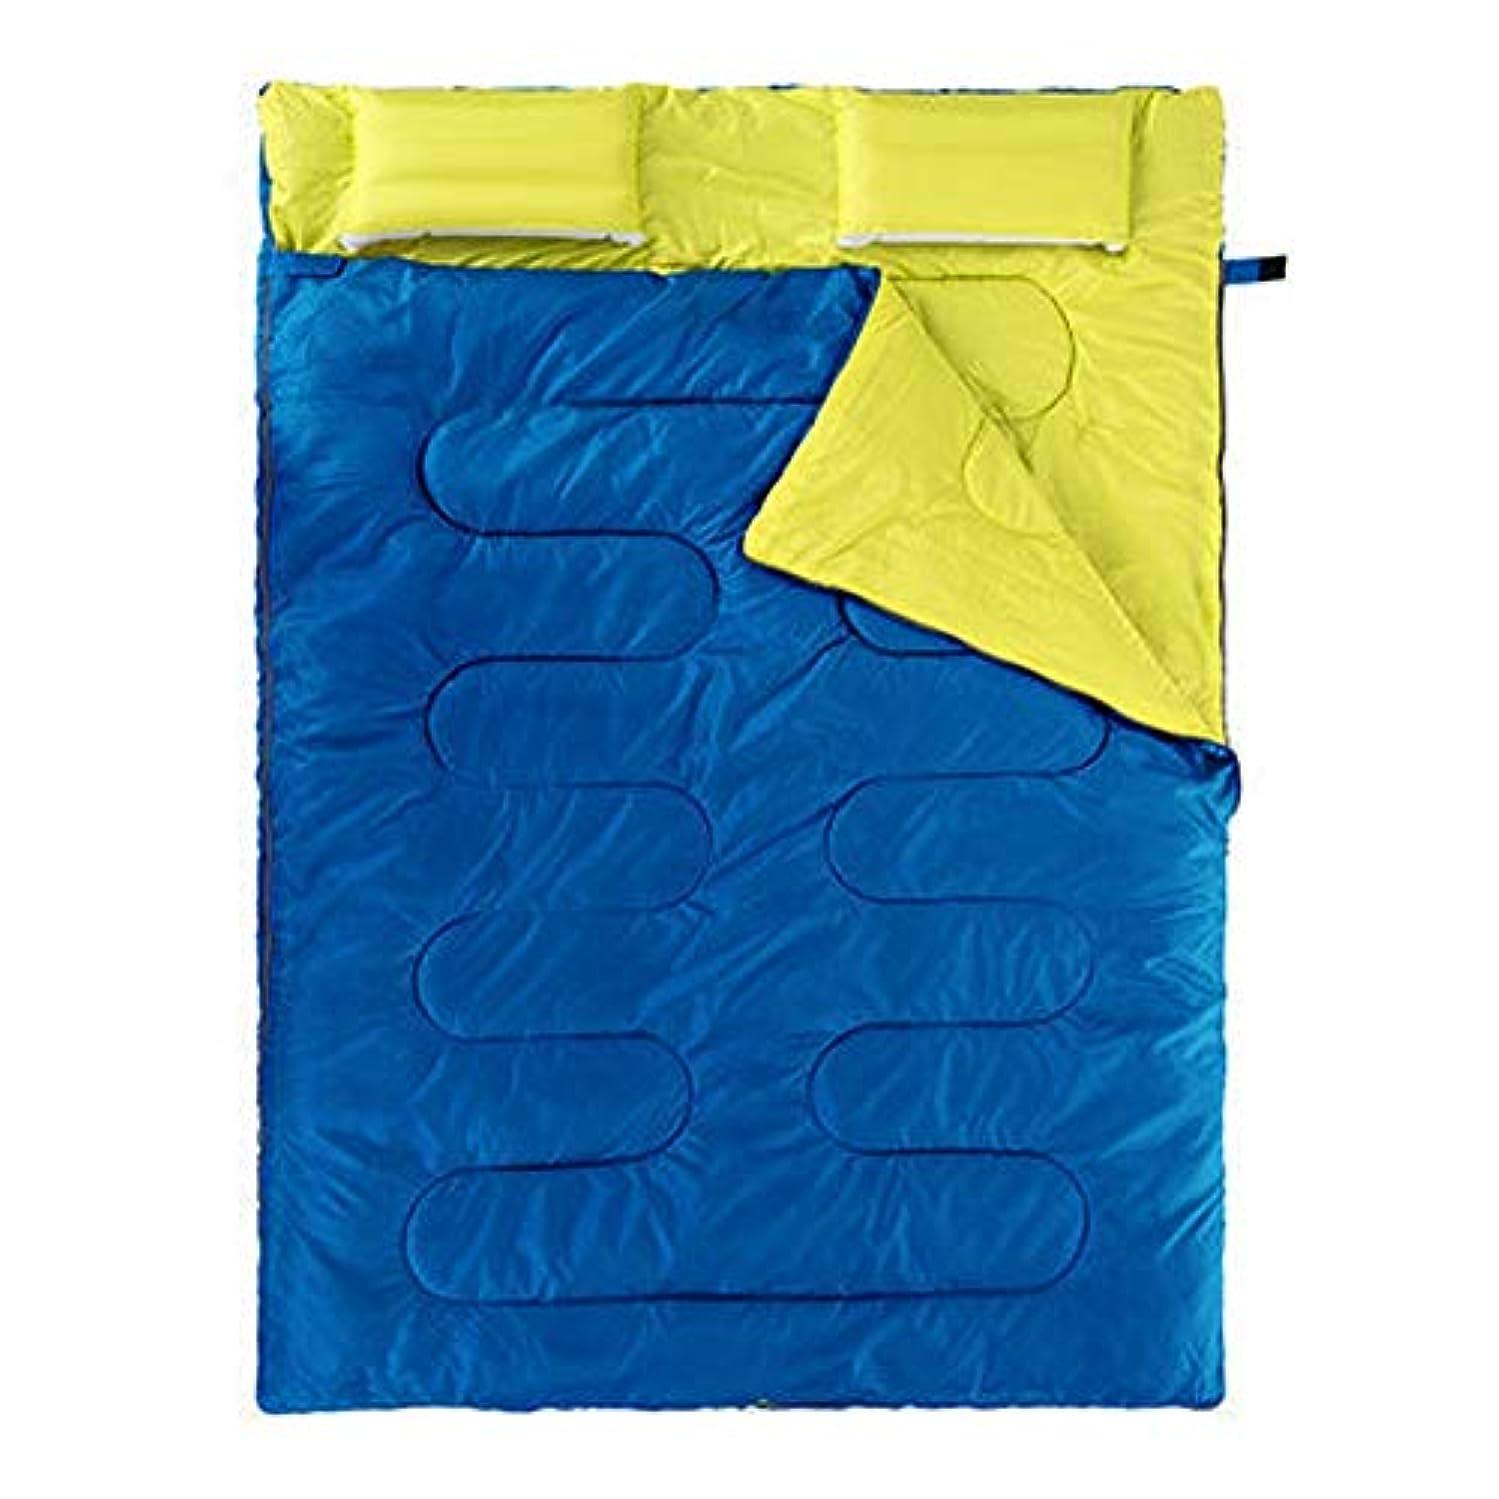 そよ風季節汚染された防災寝袋封筒タイプ防水低木キャンプ簡単収納クライミングマウンテンクライミングナイト用 (Color : E ブルー, Size : One Size)